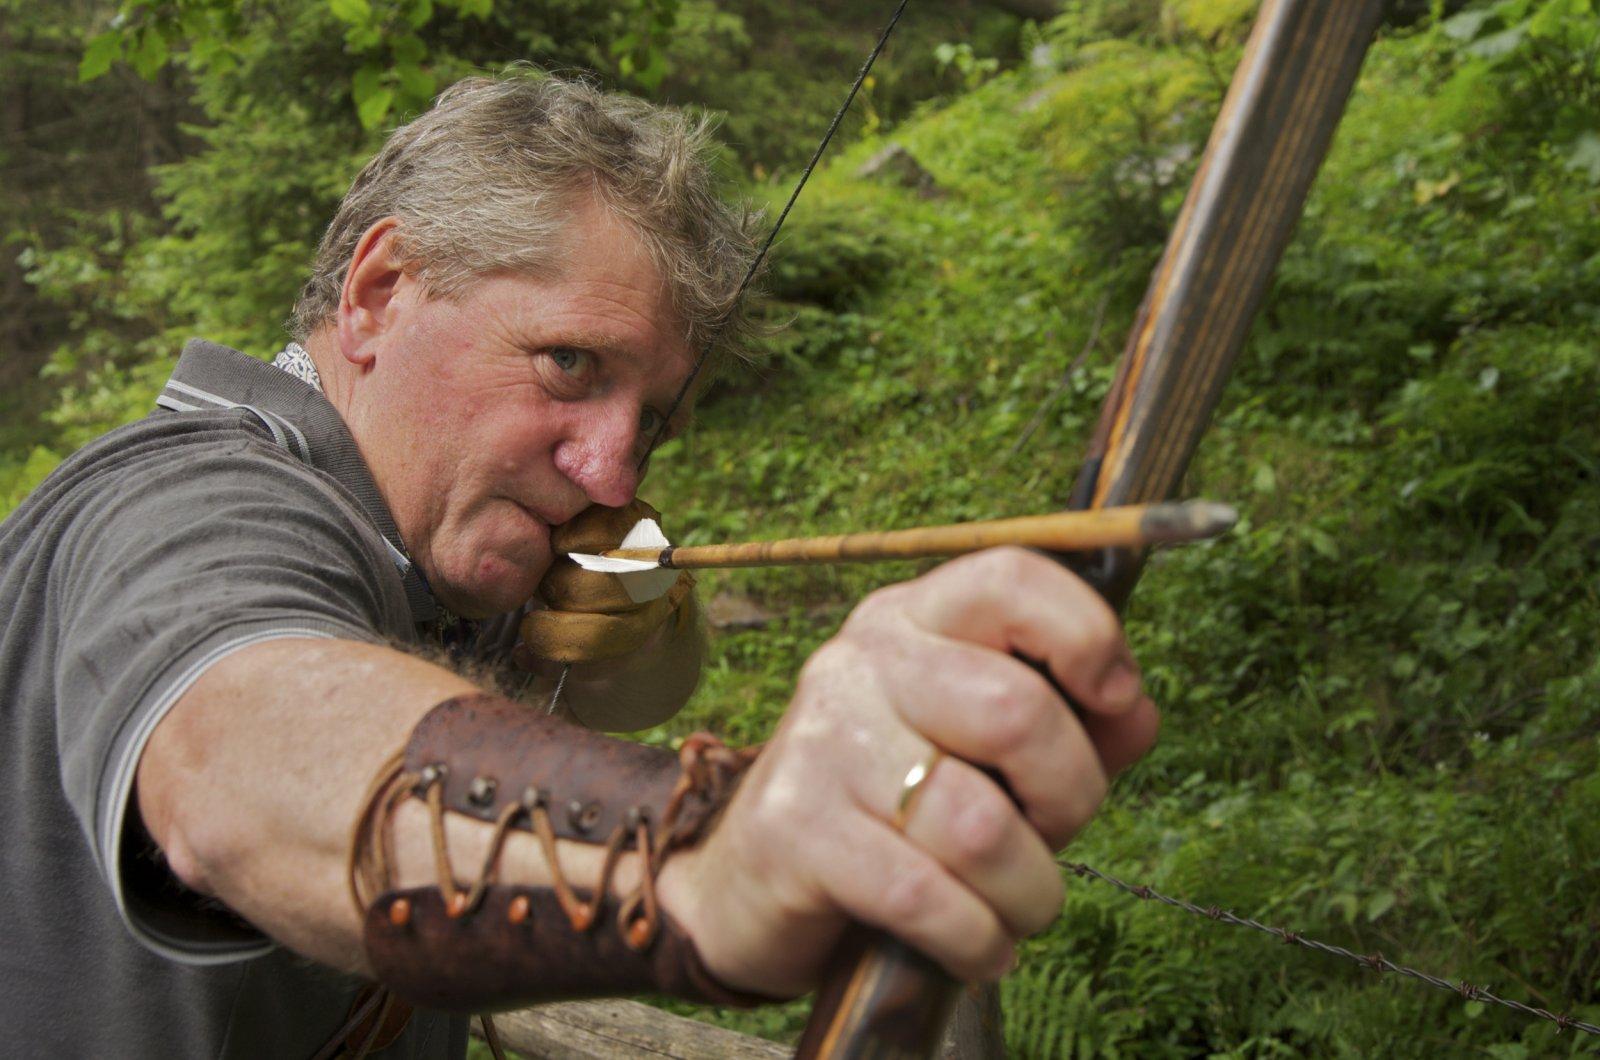 Beim Bogenschiessen kommen die besten Ideen für suesse Kreationen. c Claus Muhr/Satel Film 2012